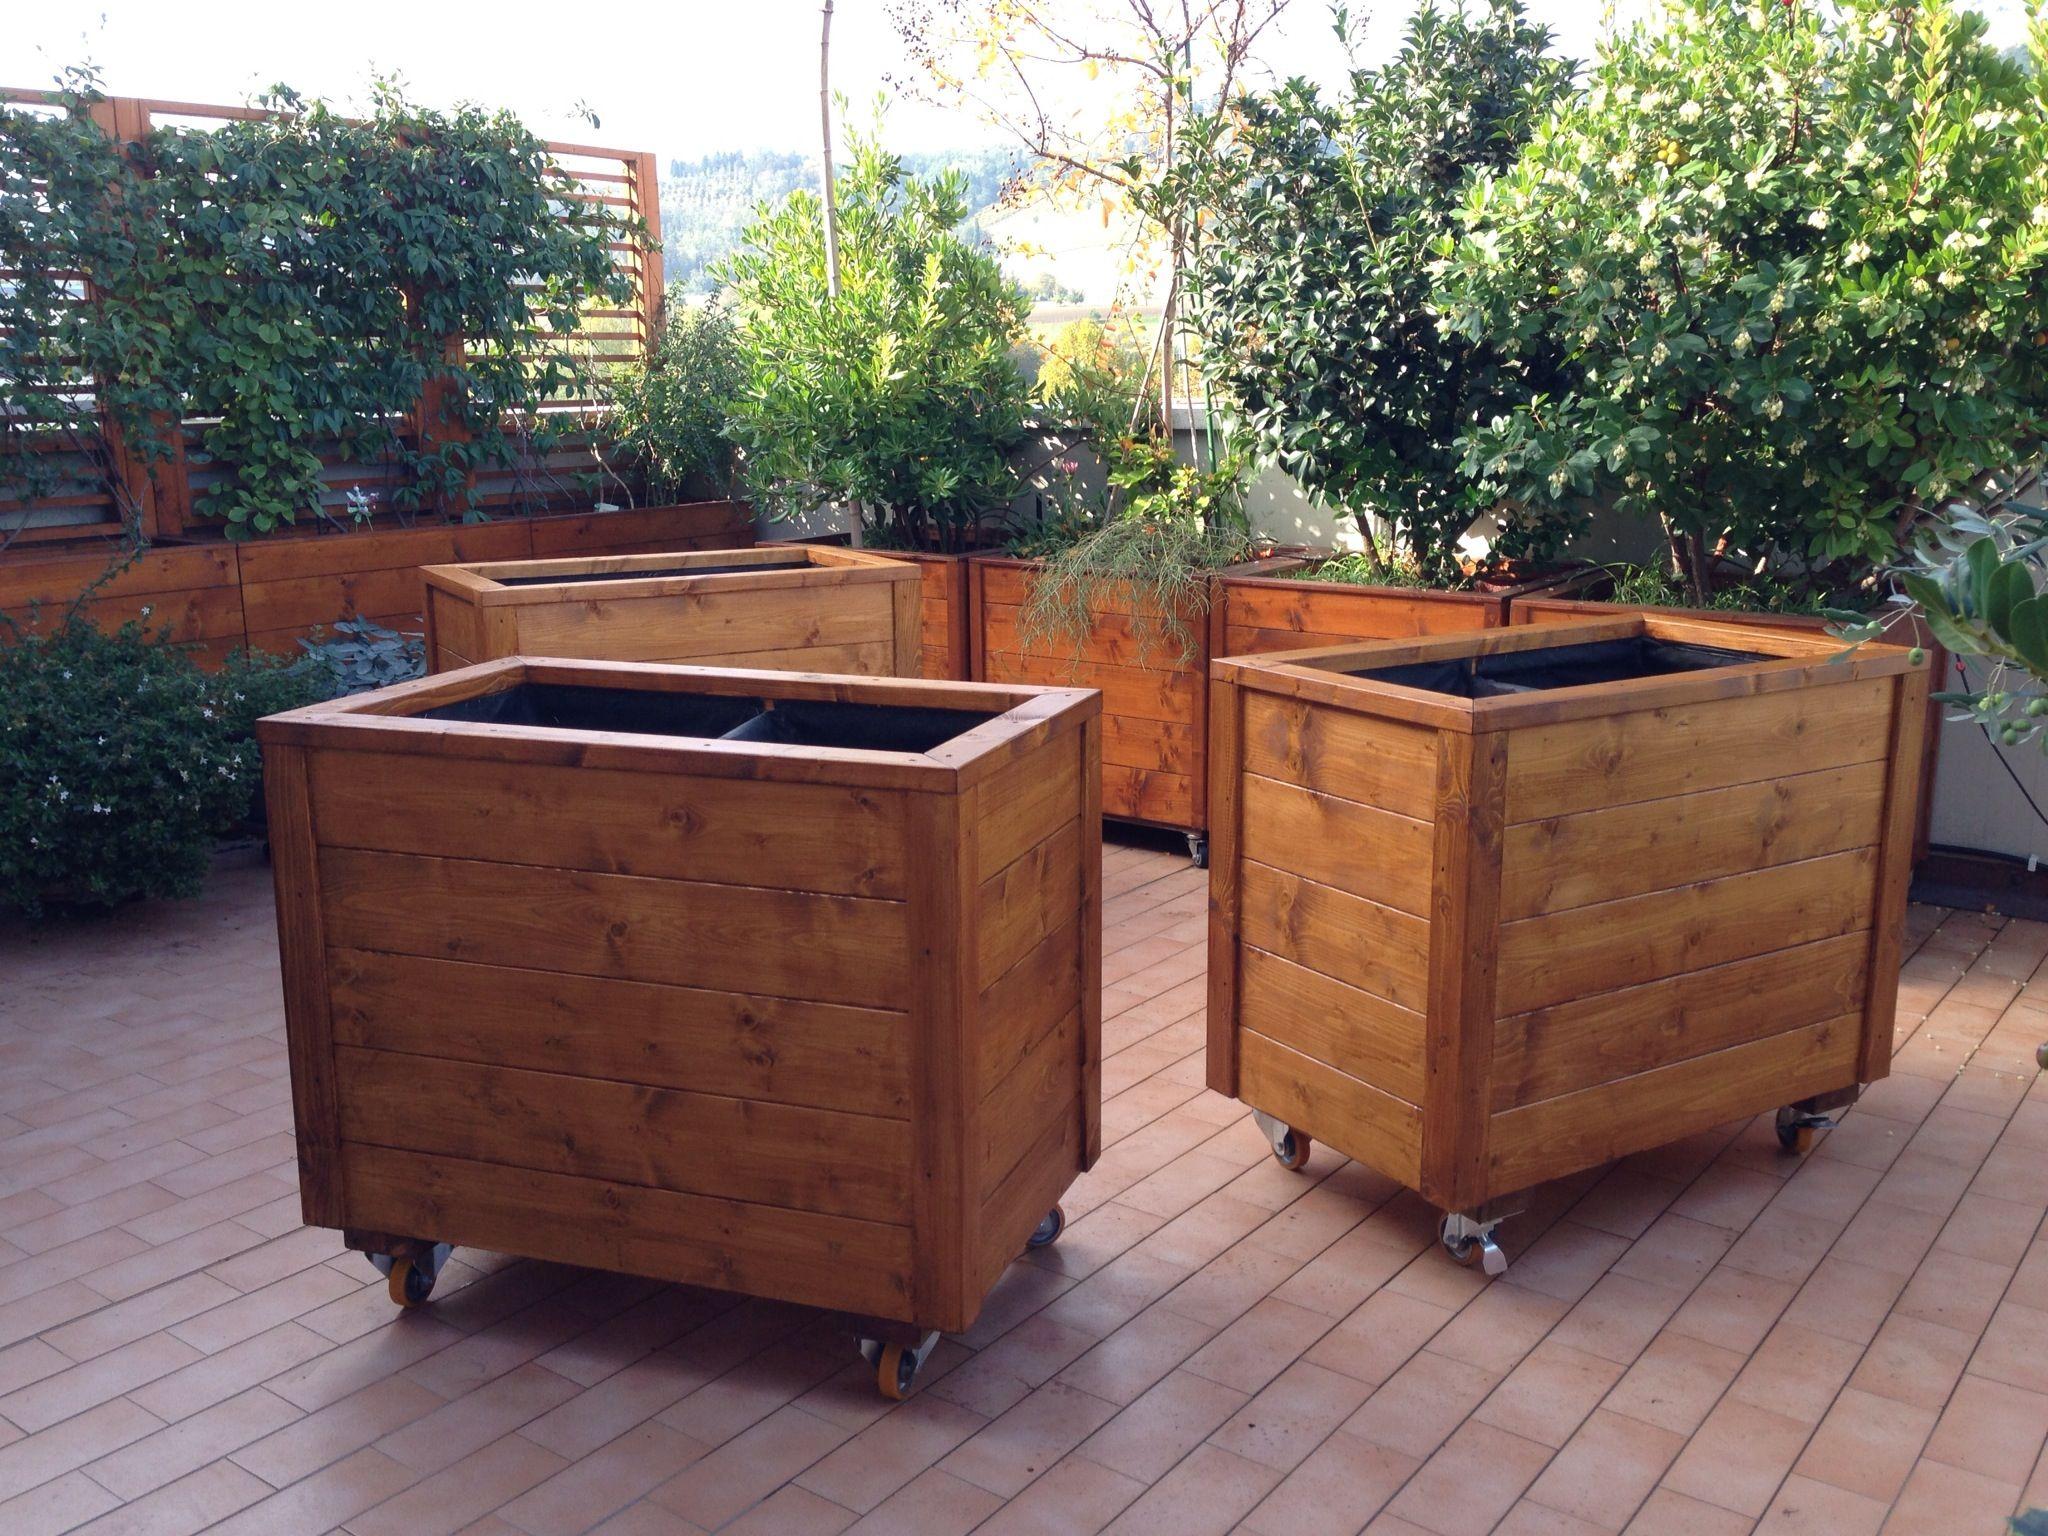 Le nostre ultime realizzazioni fioriere in legno con ruote - Portavasi fai da te ...